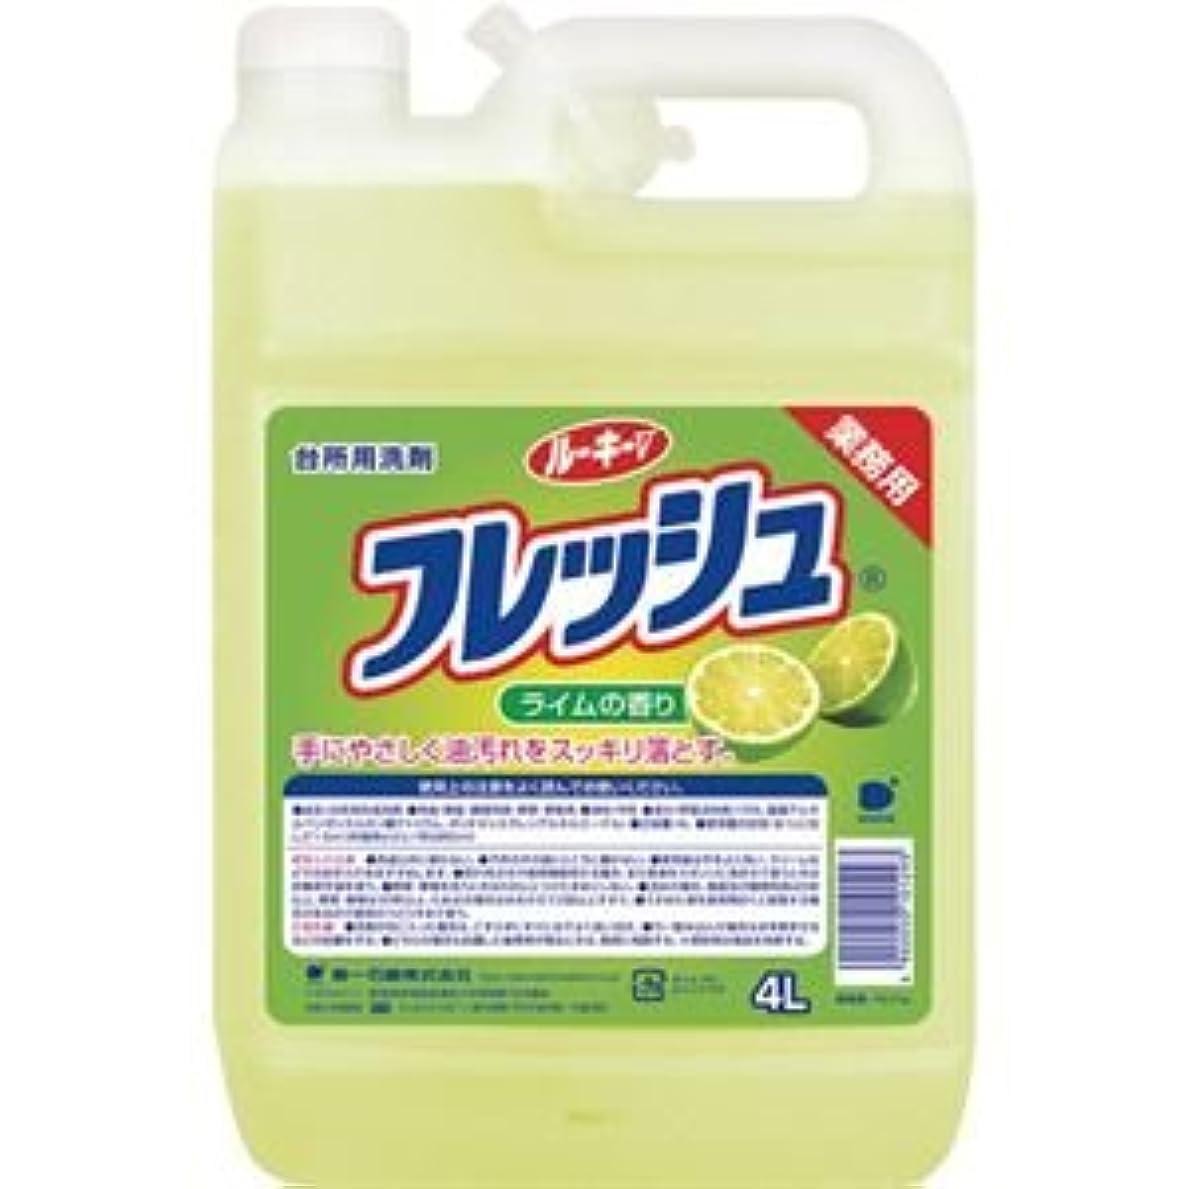 ペニー誰が削る(まとめ) 第一石鹸 ルーキーVフレッシュ 業務用 4L 1本 【×5セット】